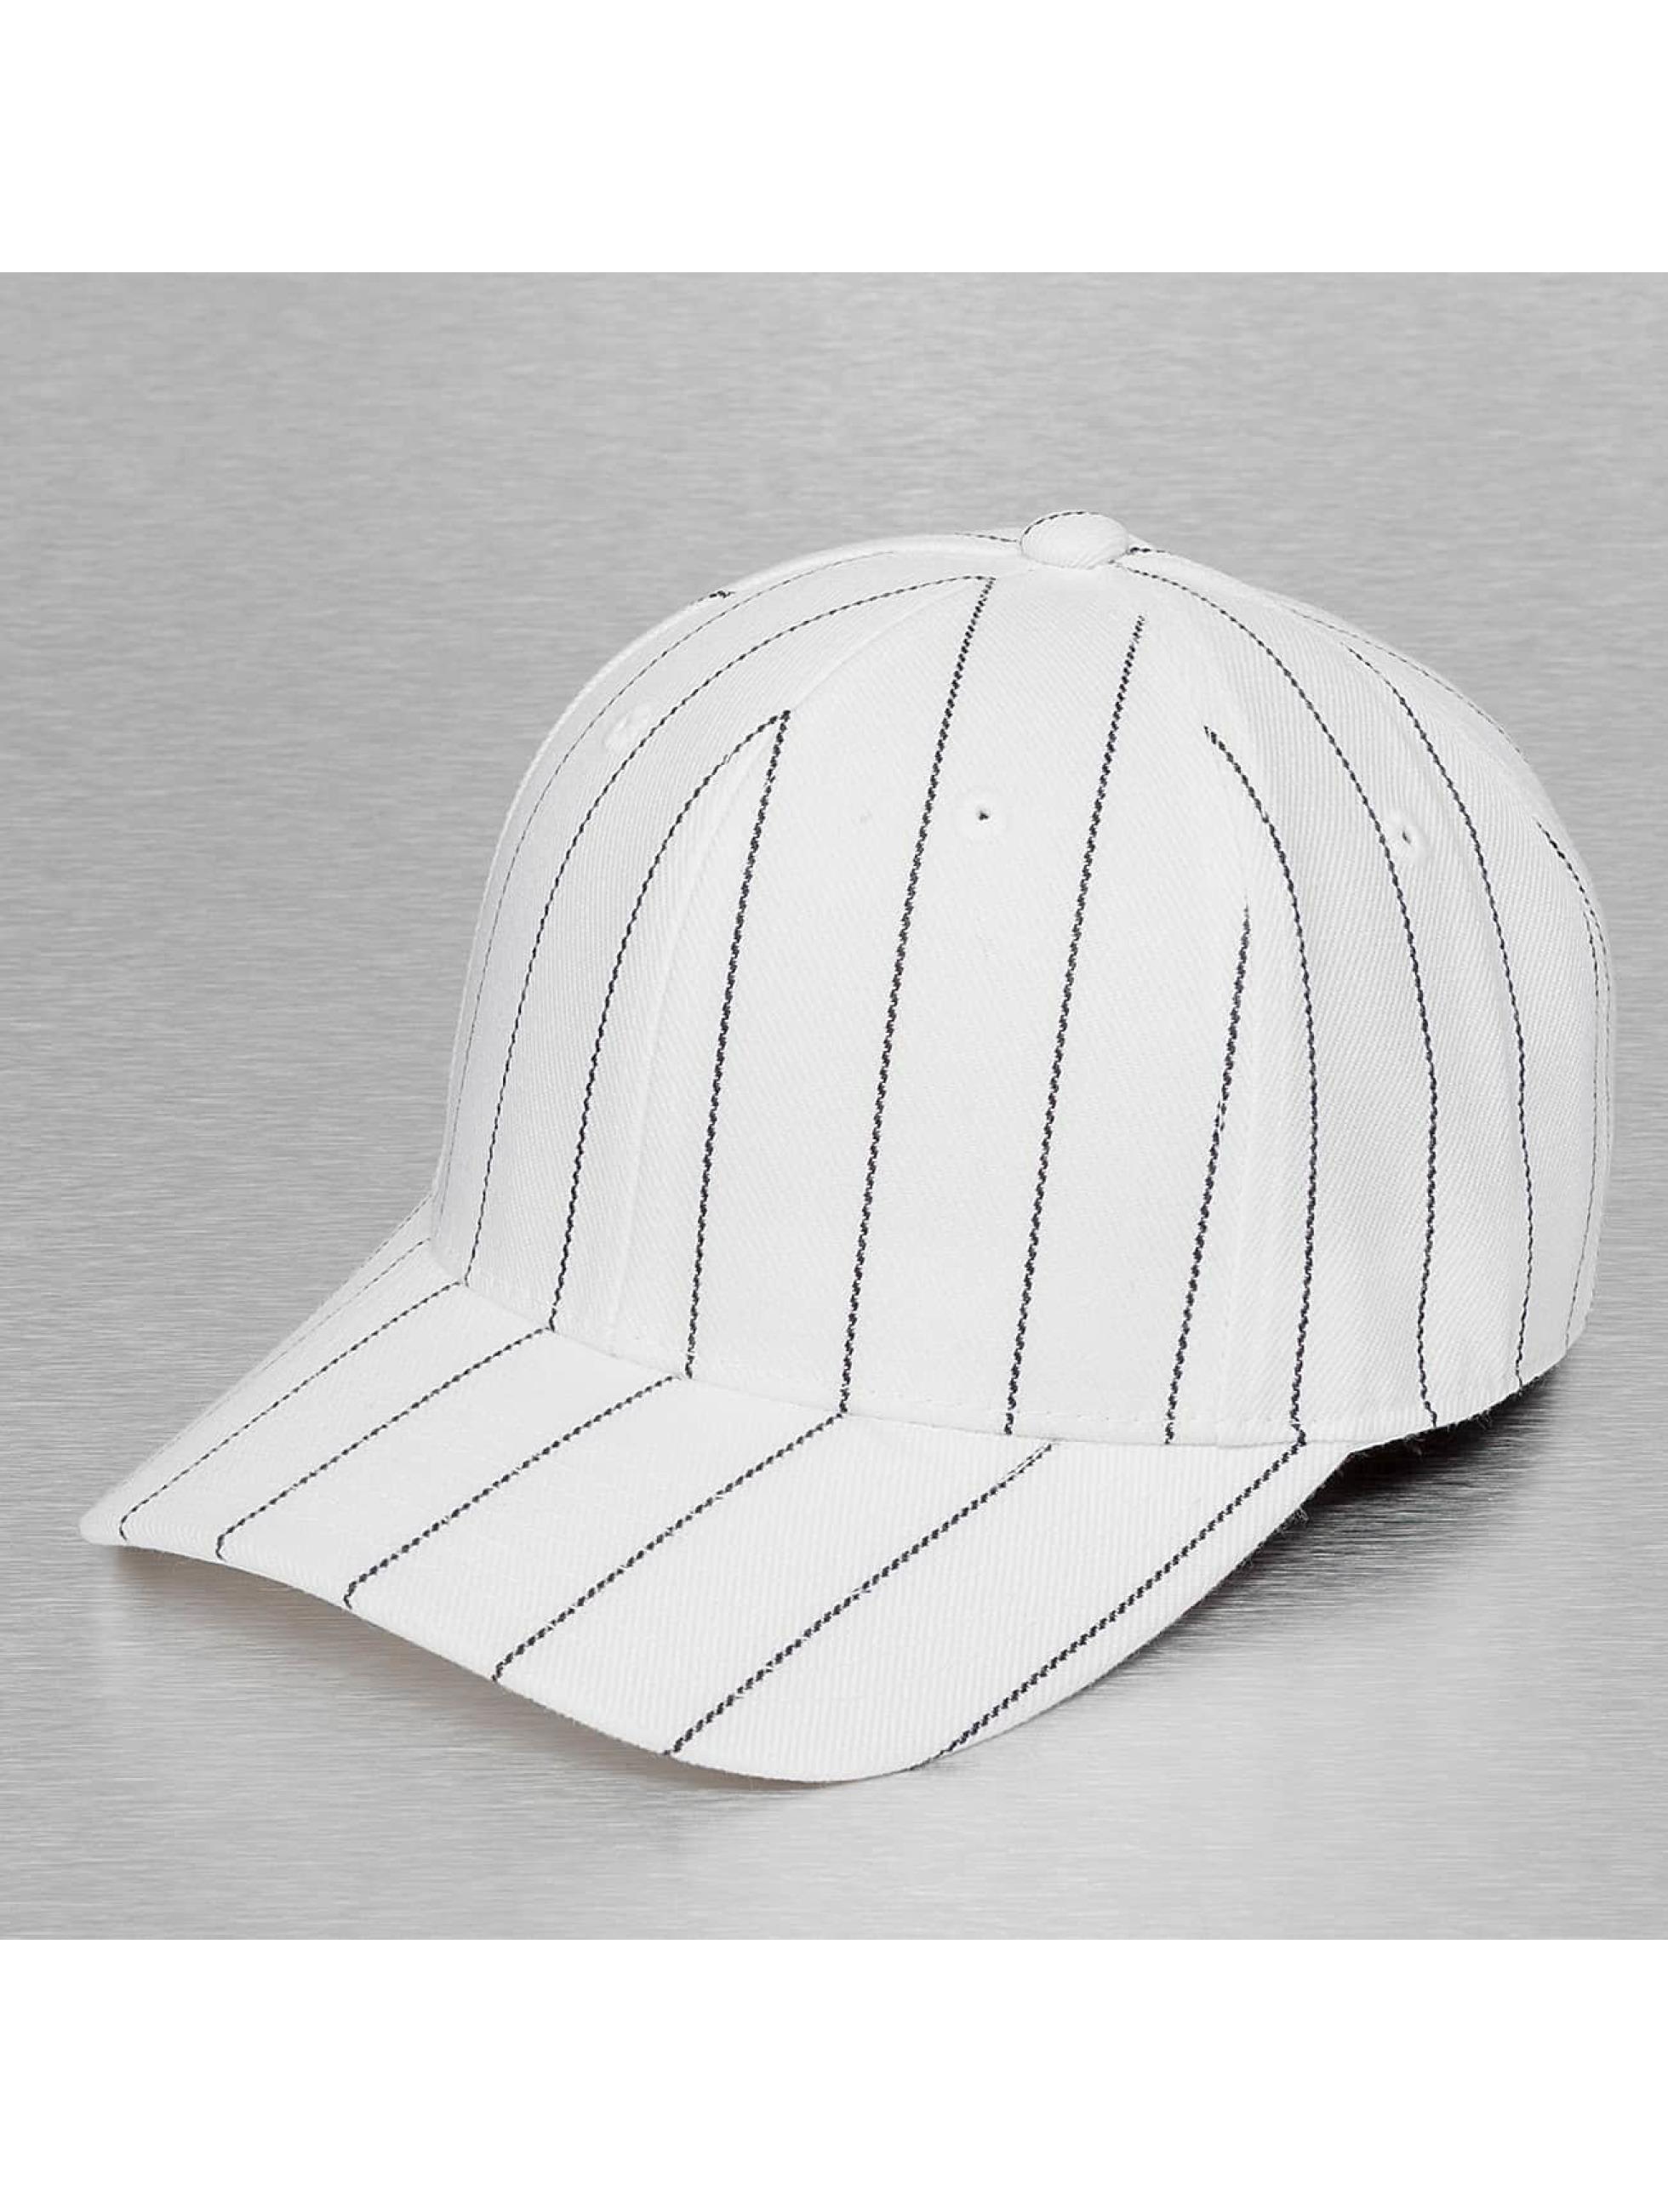 Fitted Cap Pin Striped in weiß